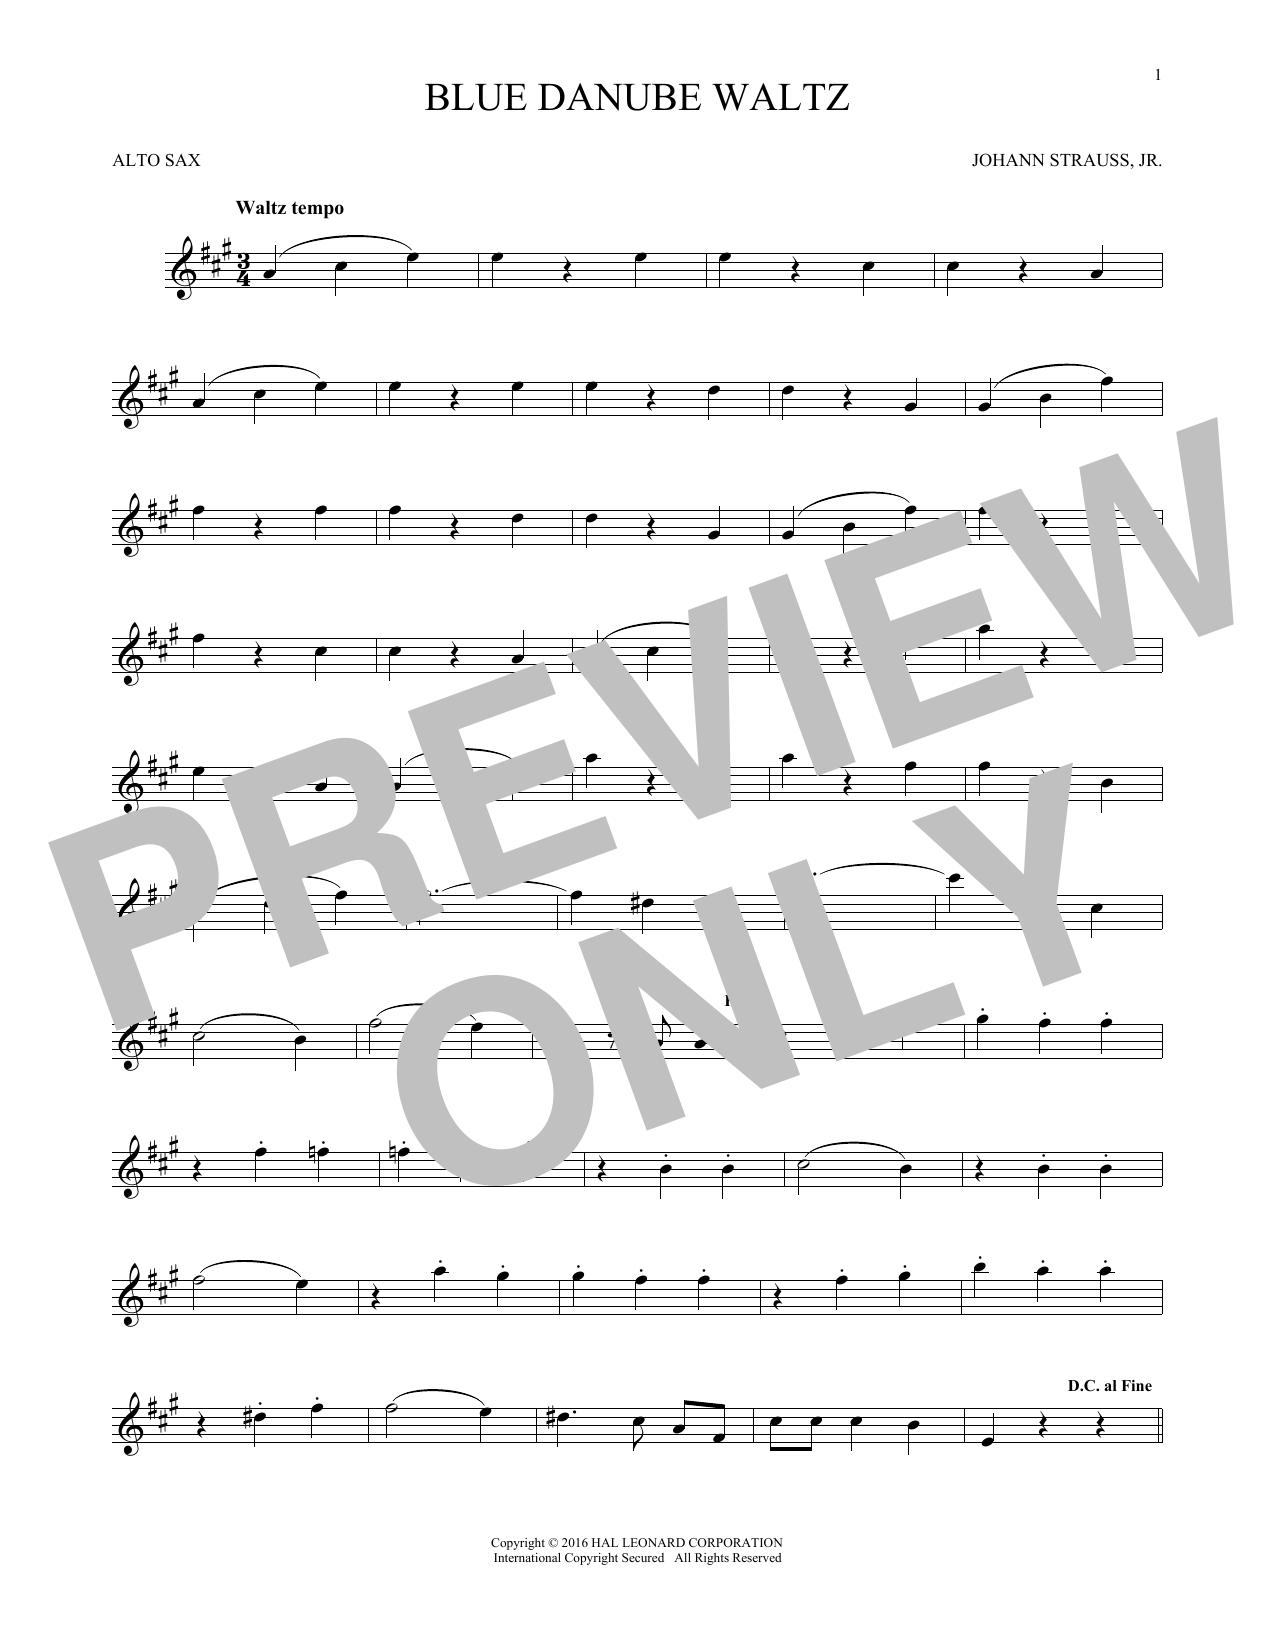 Blue Danube Waltz (Alto Sax Solo)